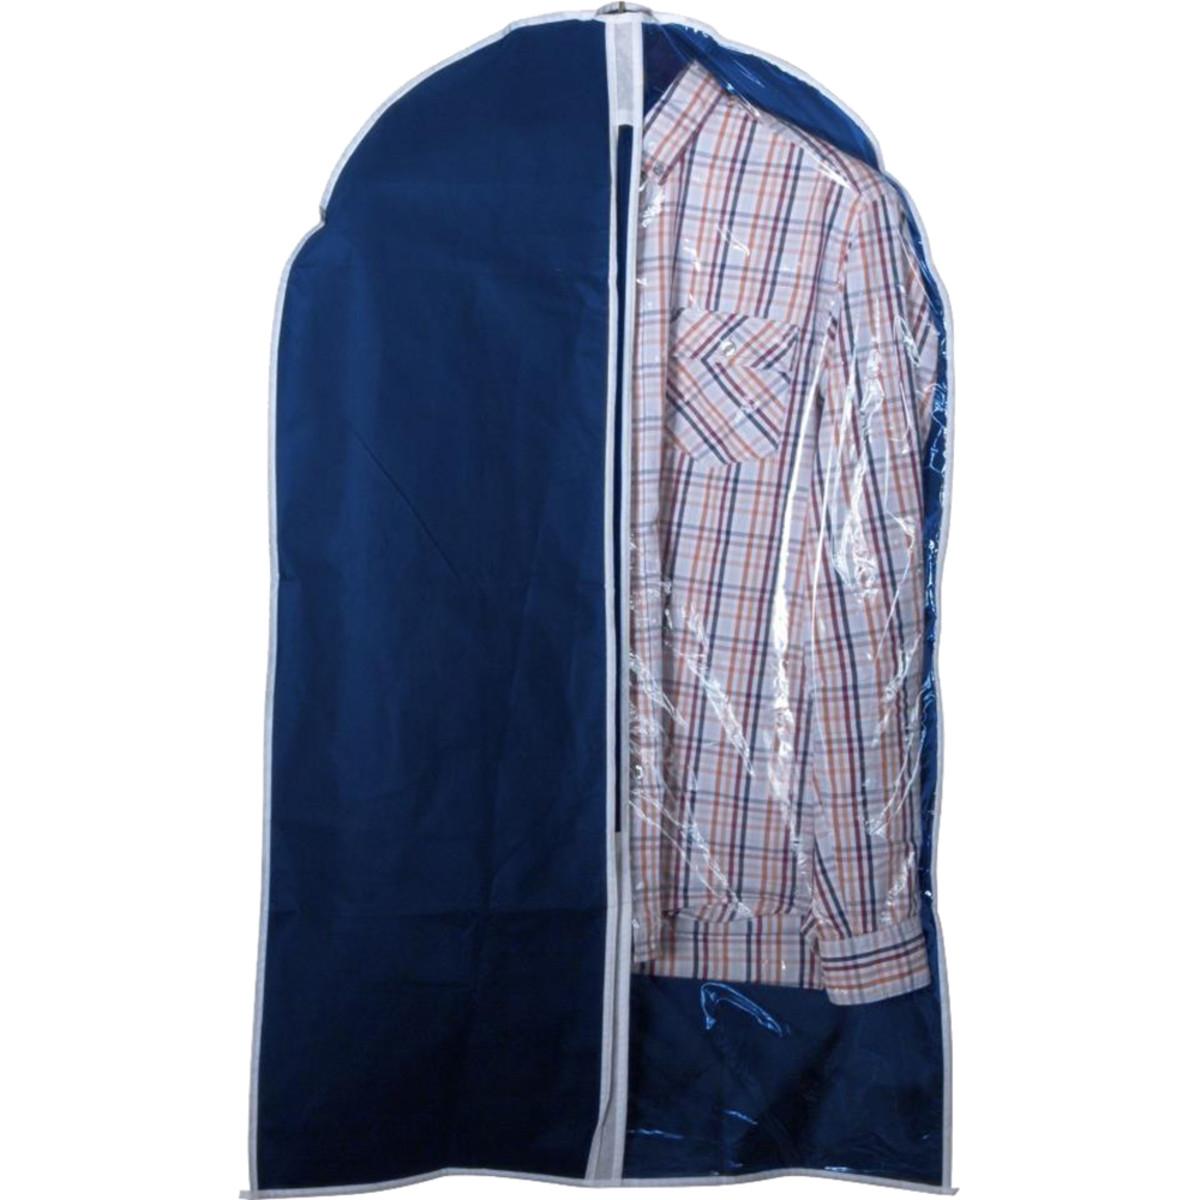 Чехол для одежды Рыжий кот 312105 60х100 см